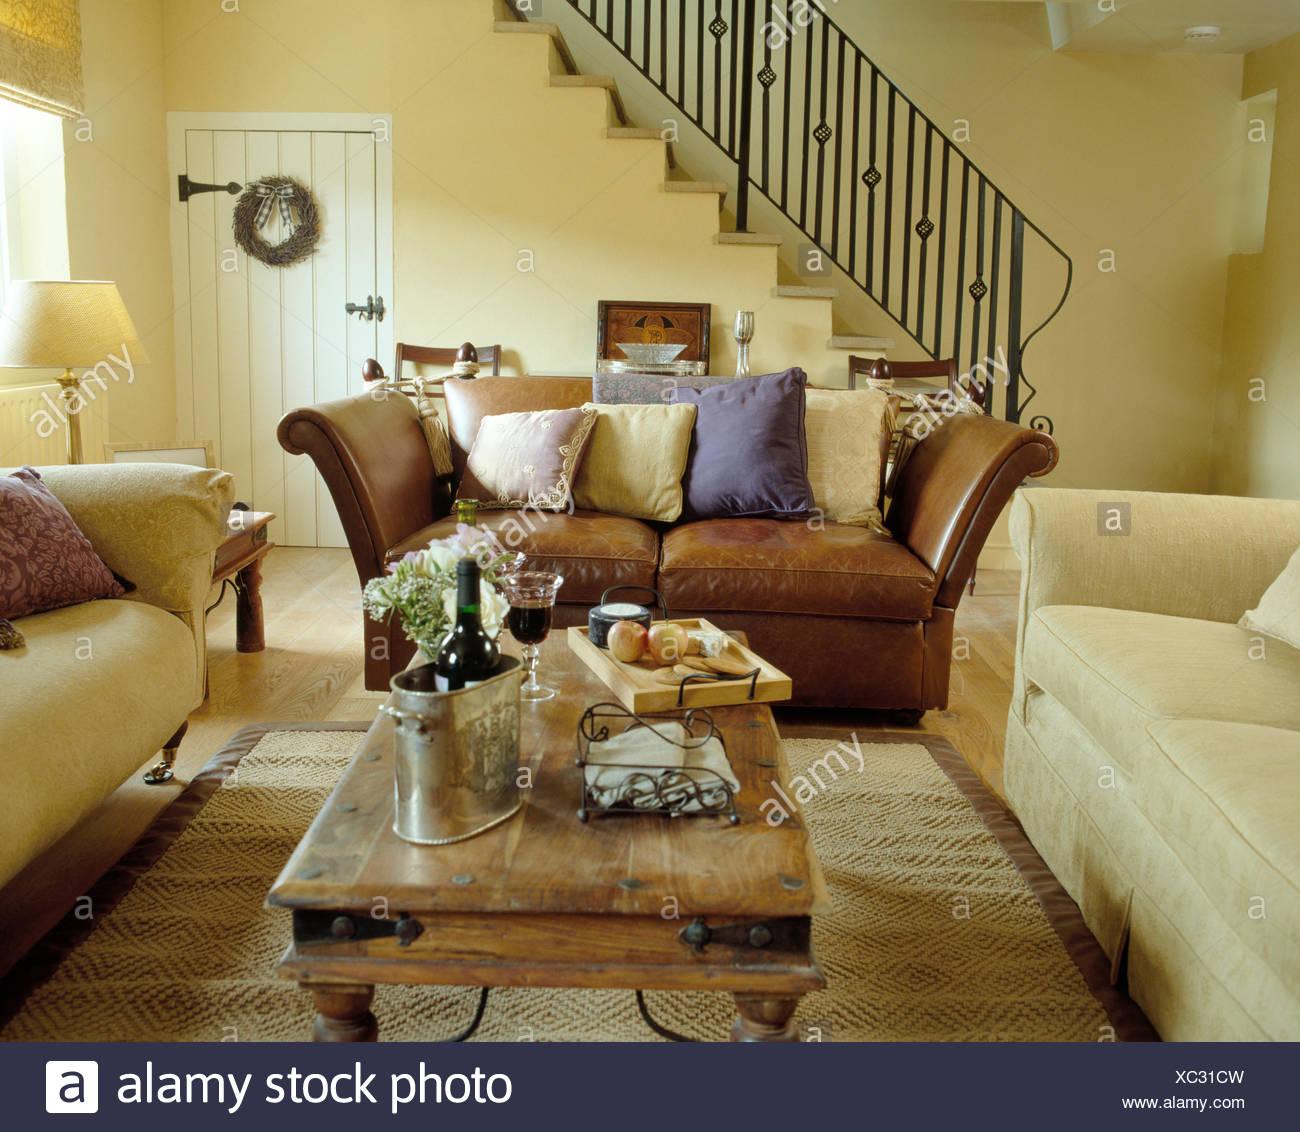 Cremefarbene Sofas mit Braune Ledercouch, um indonesische Couchtisch ...